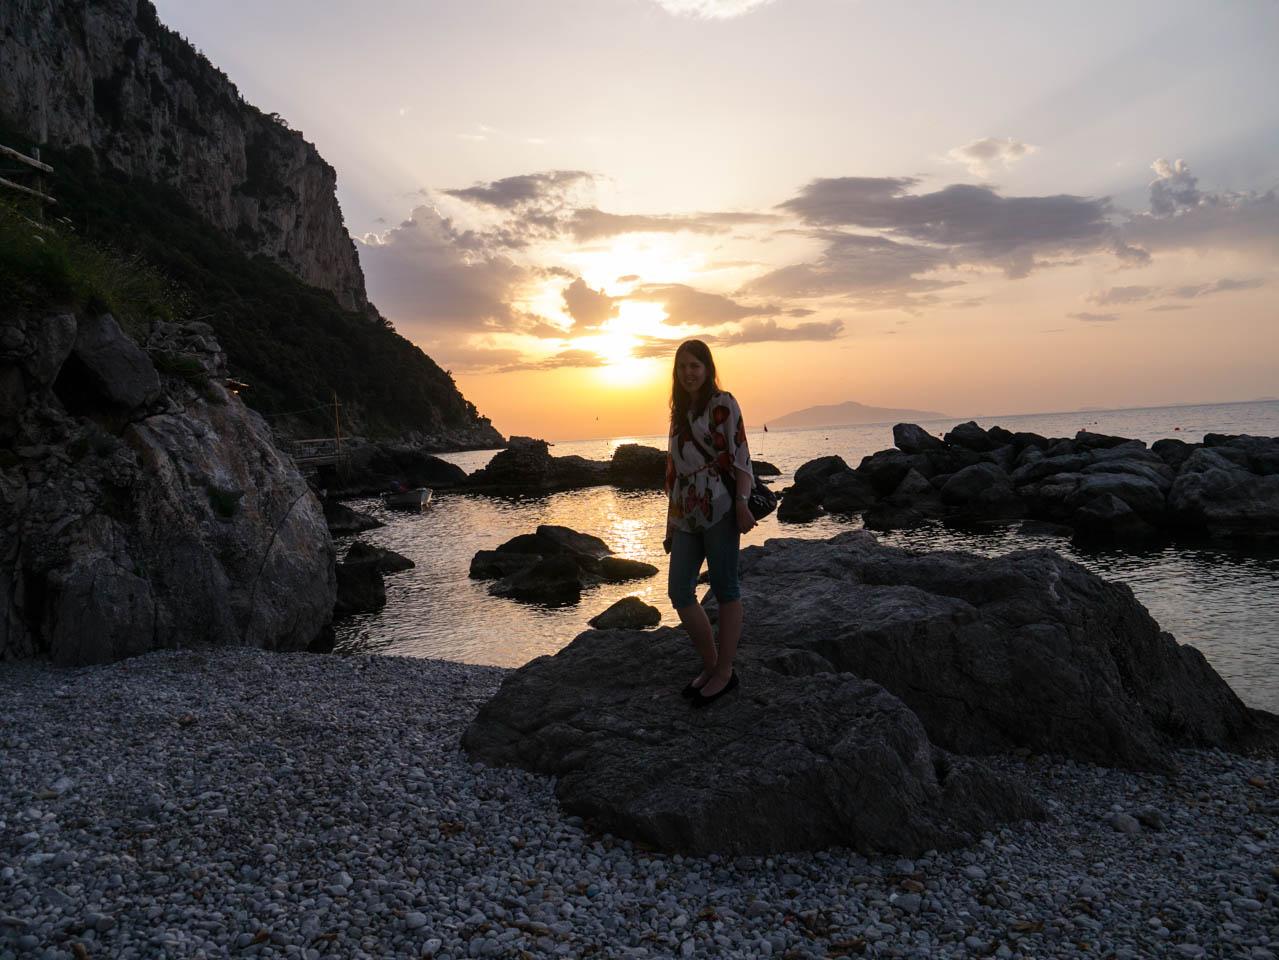 Sonnenuntergang Jessi2 (1 von 1)